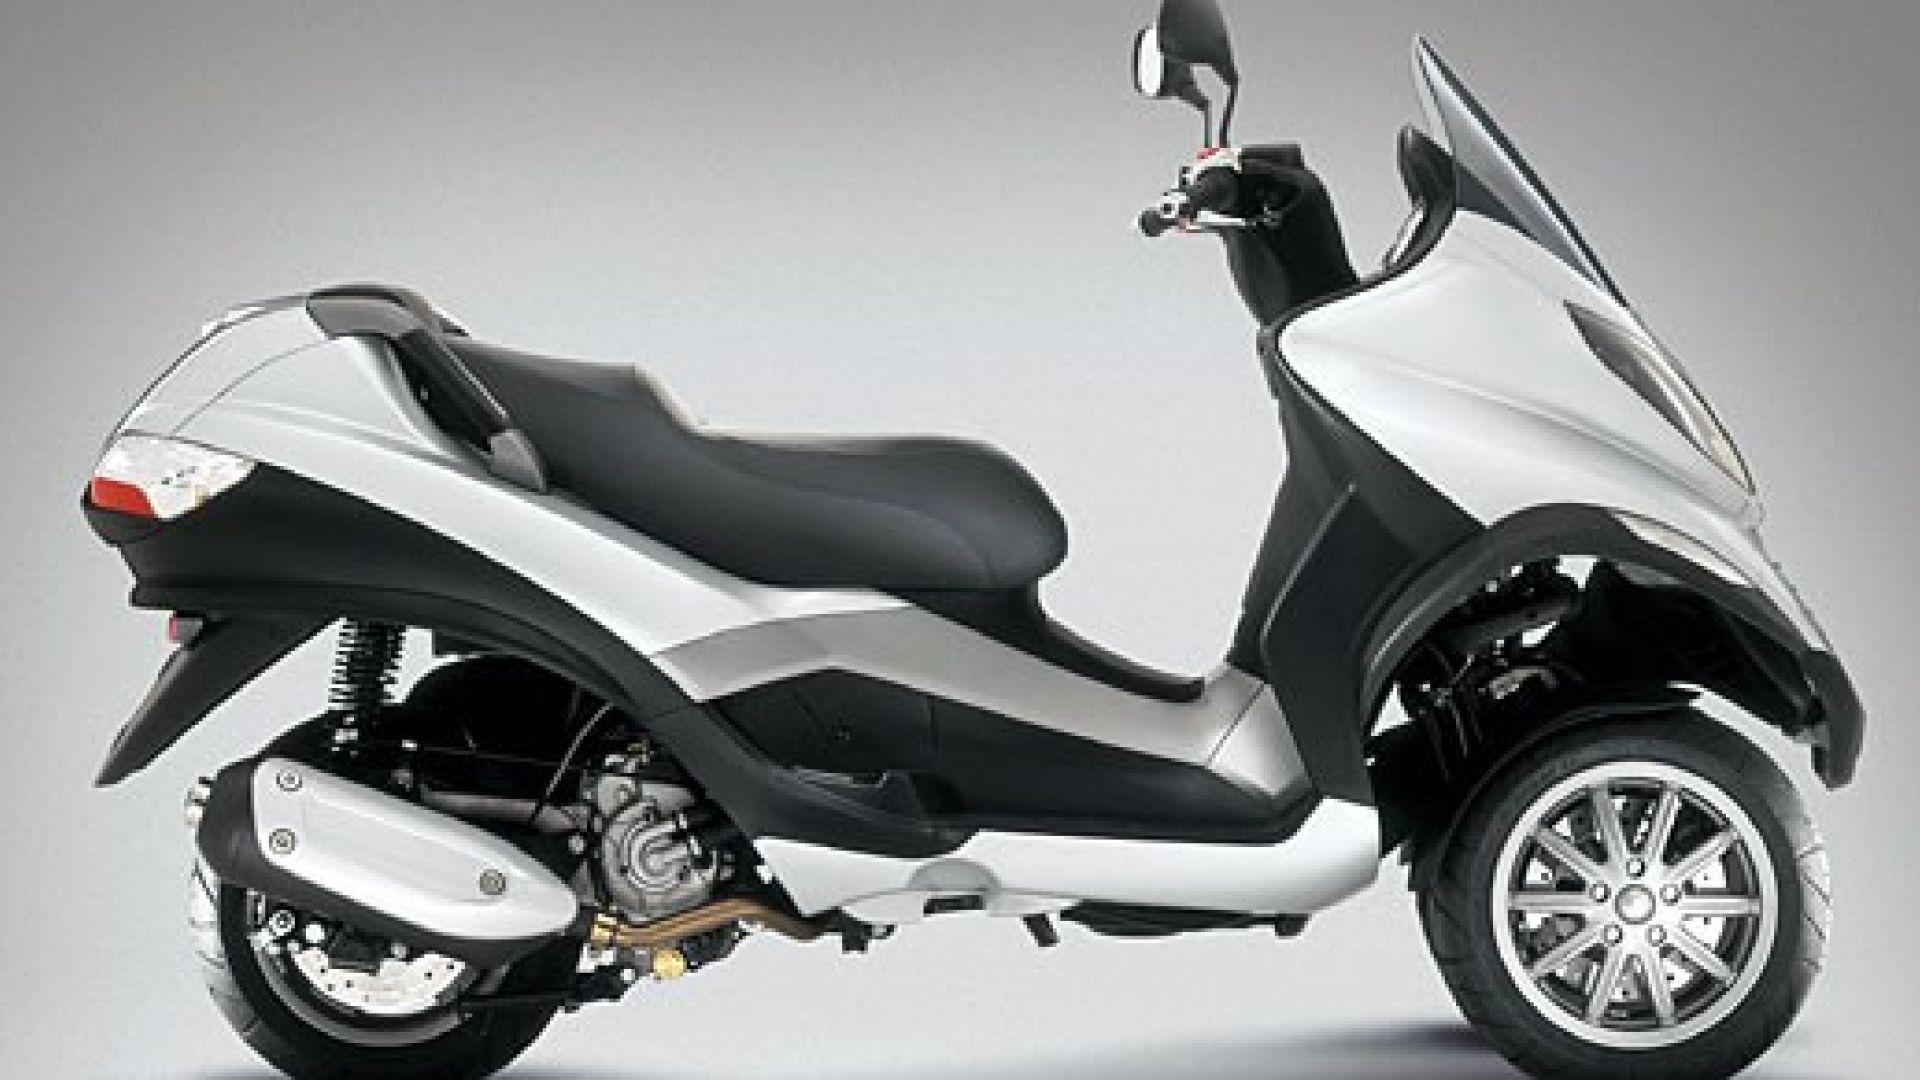 Immagine 2: Piaggio MP3, lo scooter con tre ruote